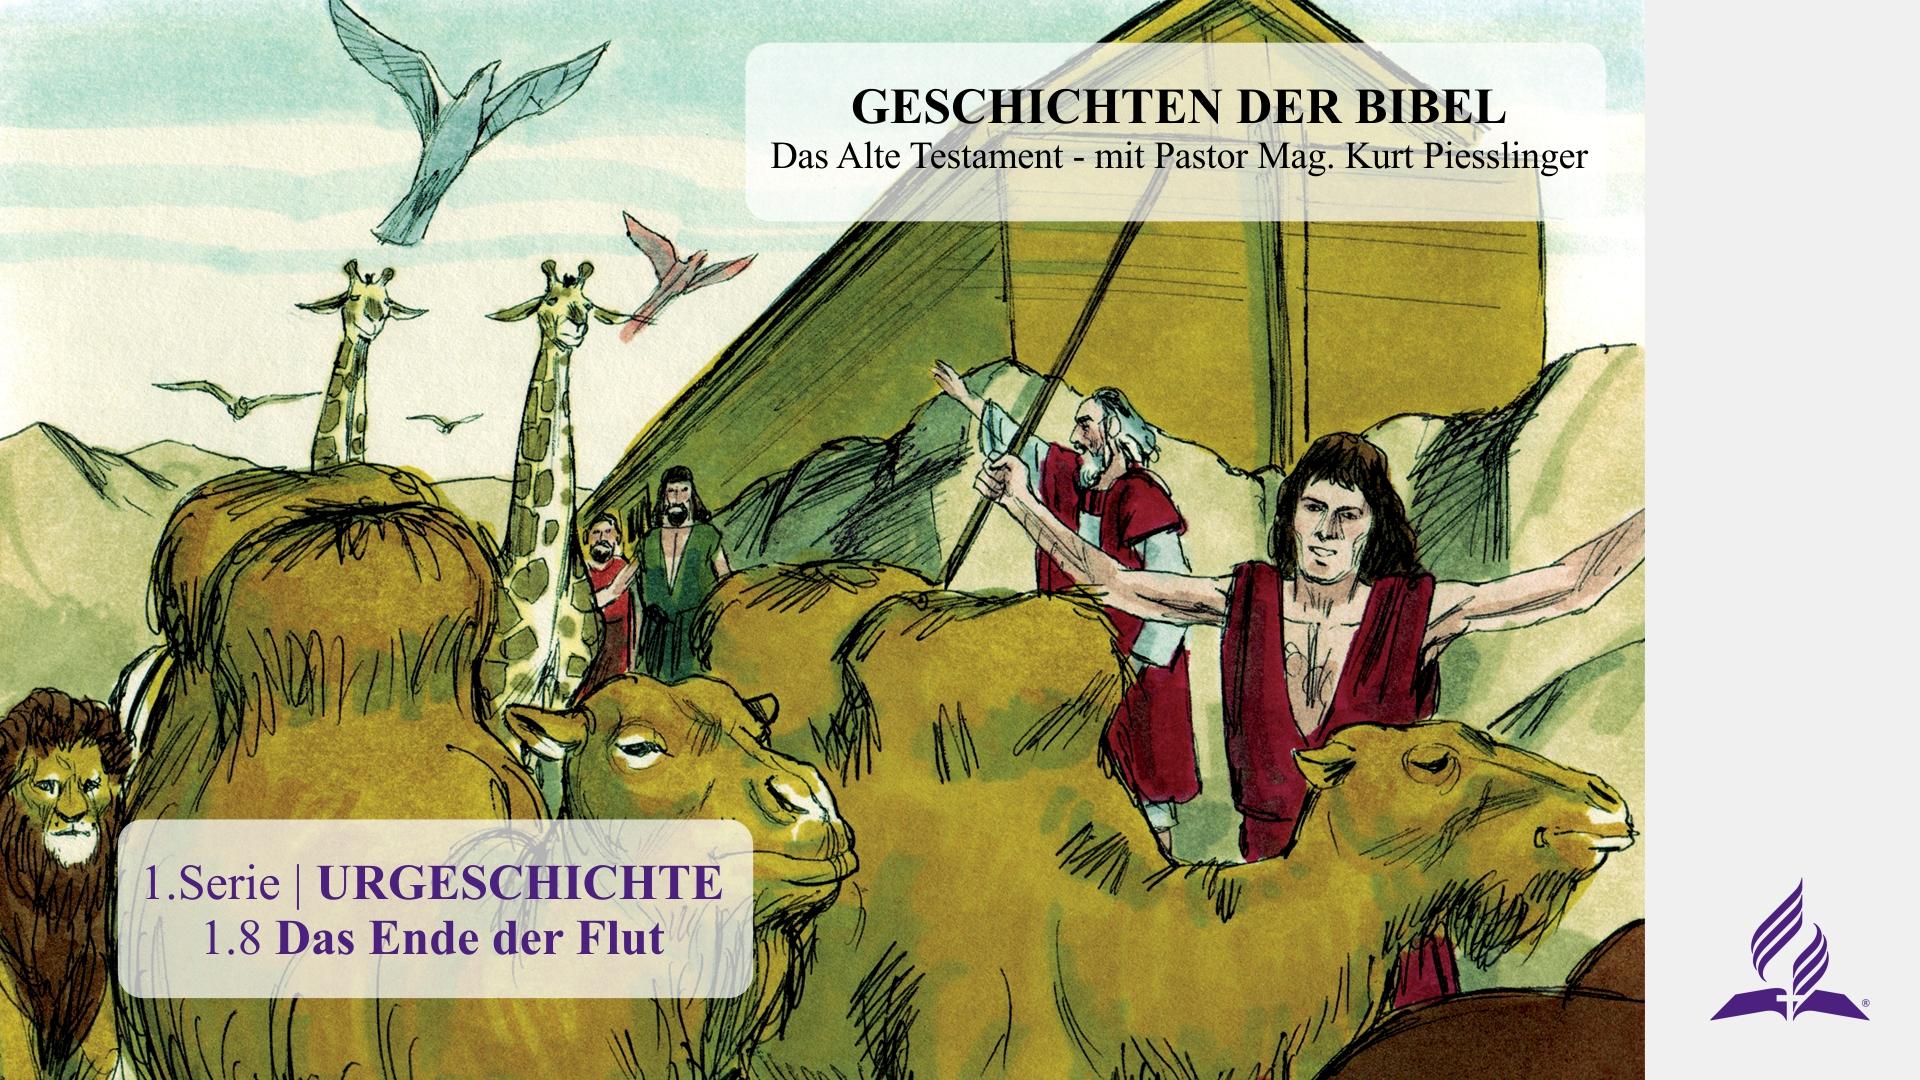 1.8 Das Ende der Flut – URGESCHICHTE | Pastor Mag. Kurt Piesslinger